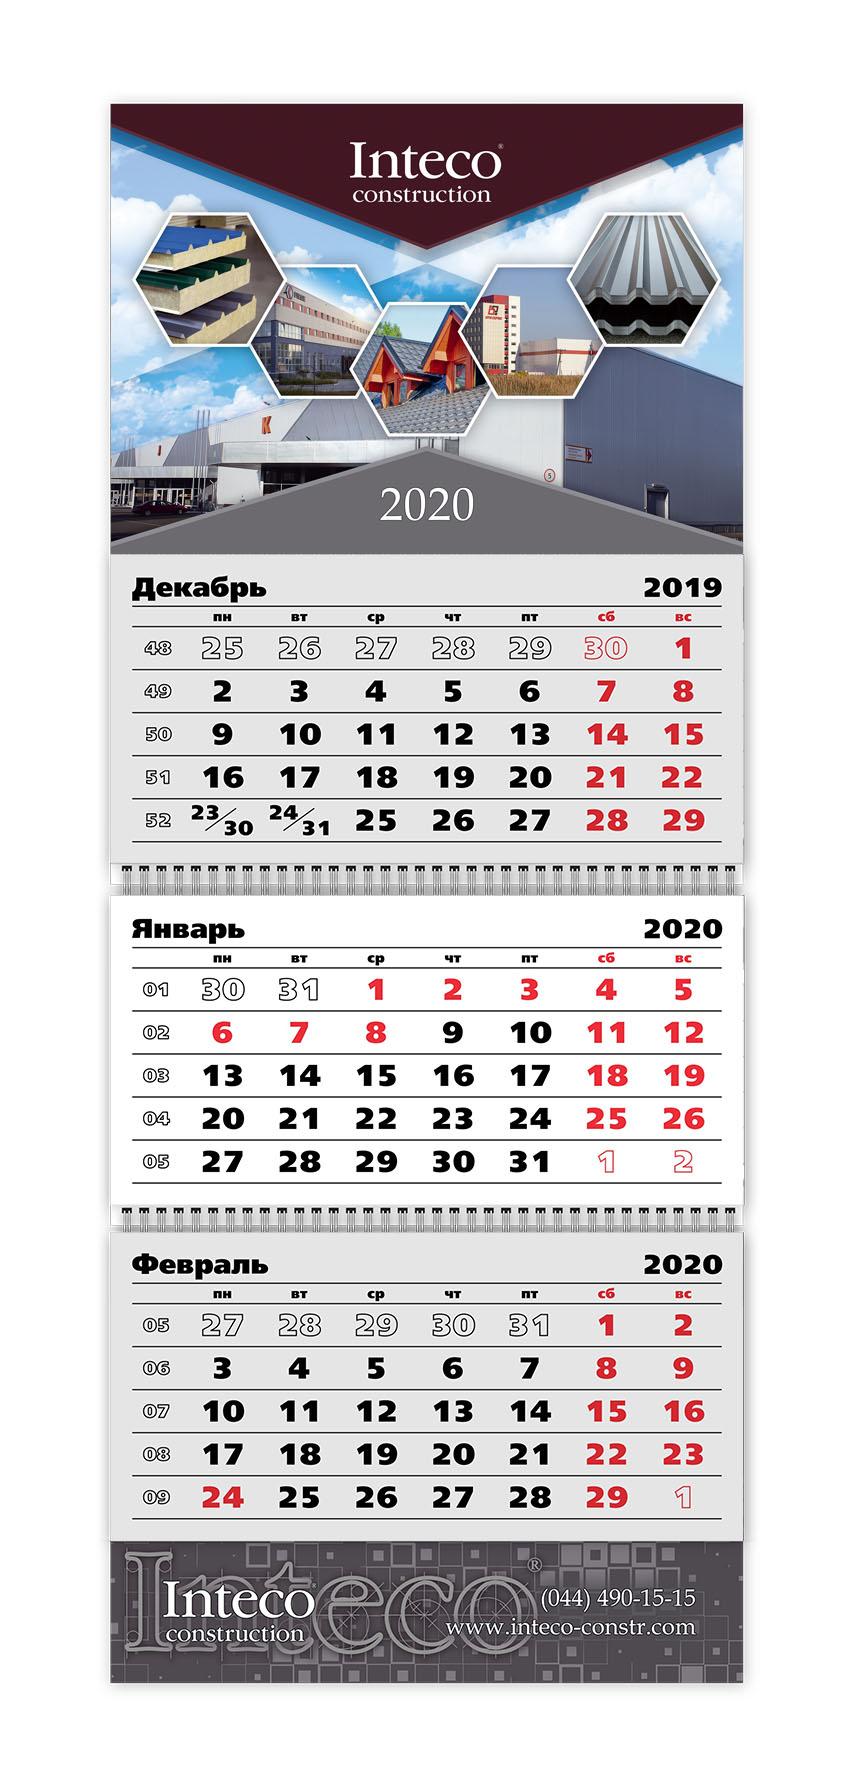 Превью утвержденного квартального календаря завода Inteco www.makety.top